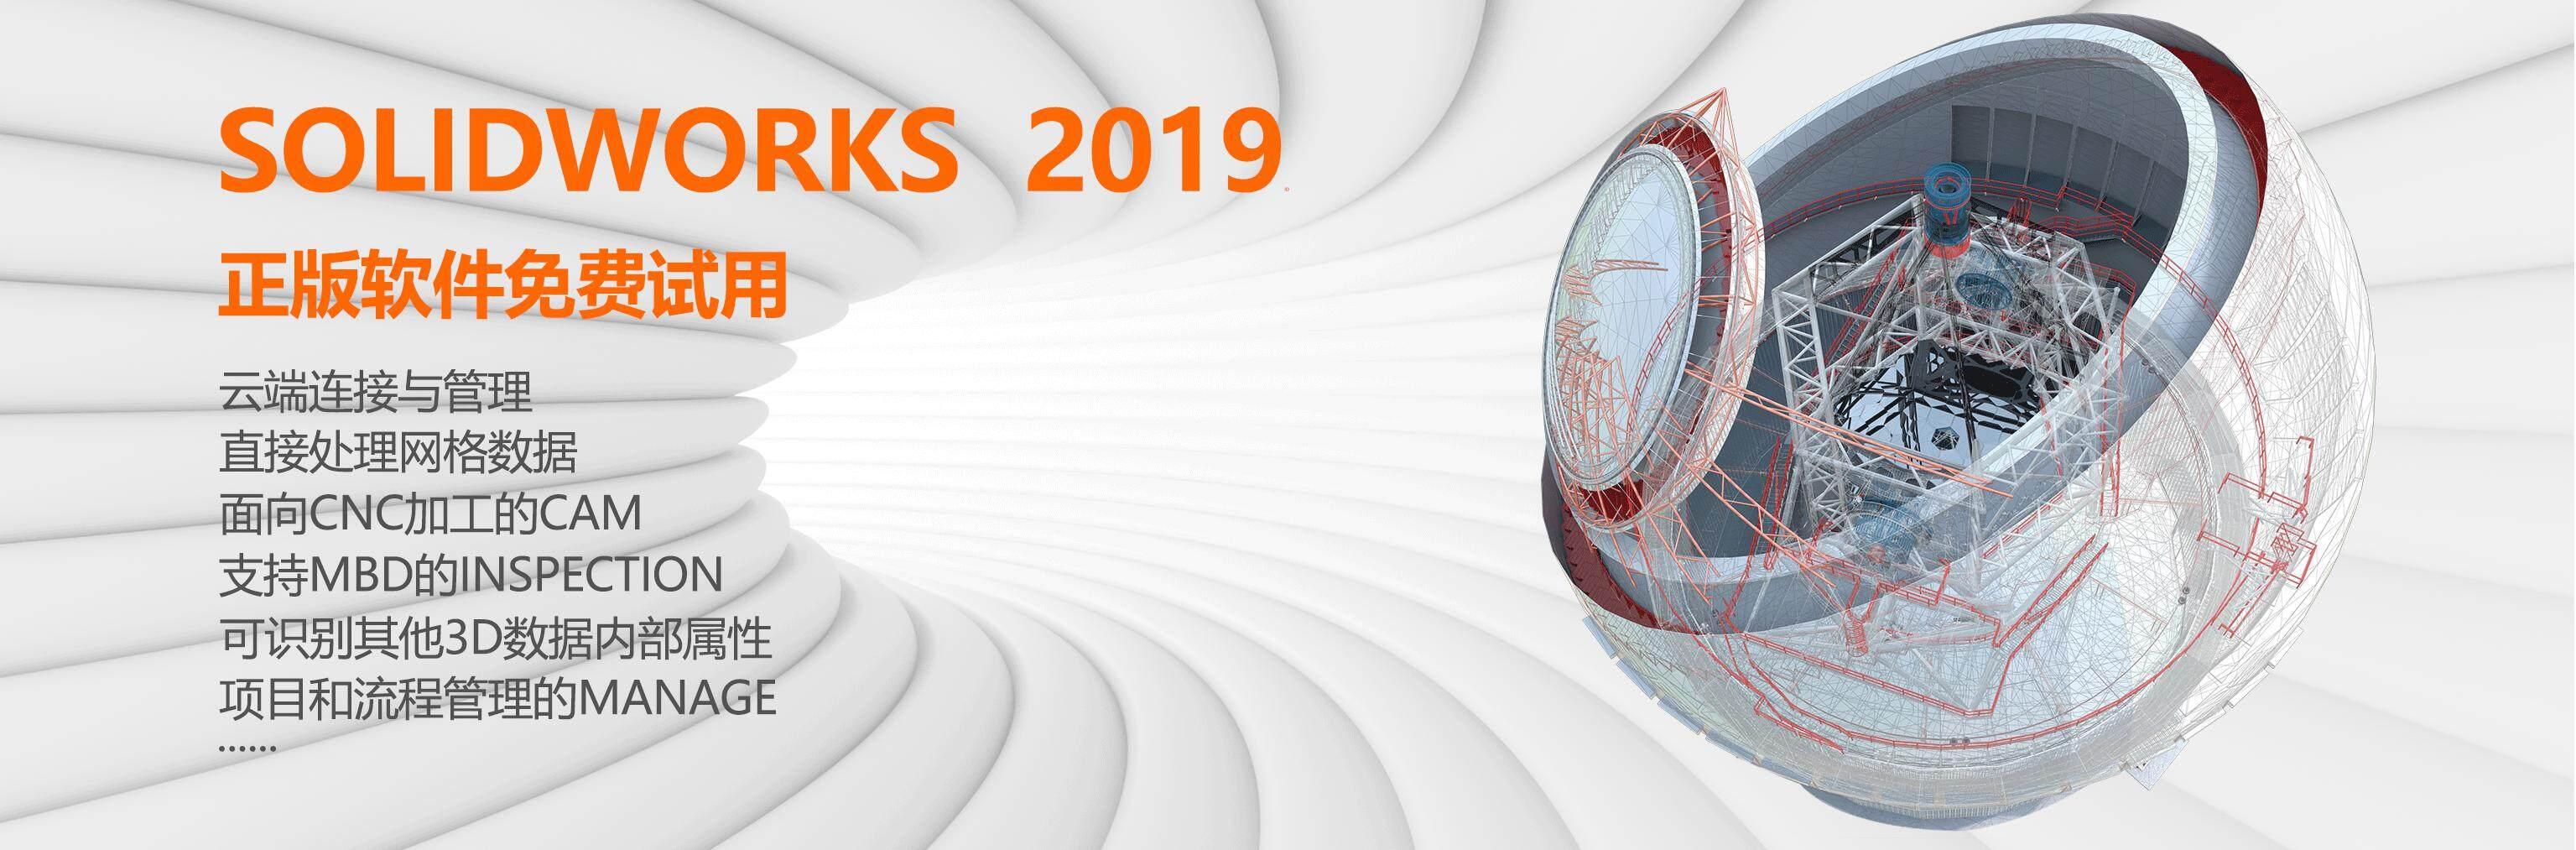 SOLIDWOKS企业版正版软件多少钱/软件价格 SOLIDWORKS2018/2019专业版、高级版软件报价